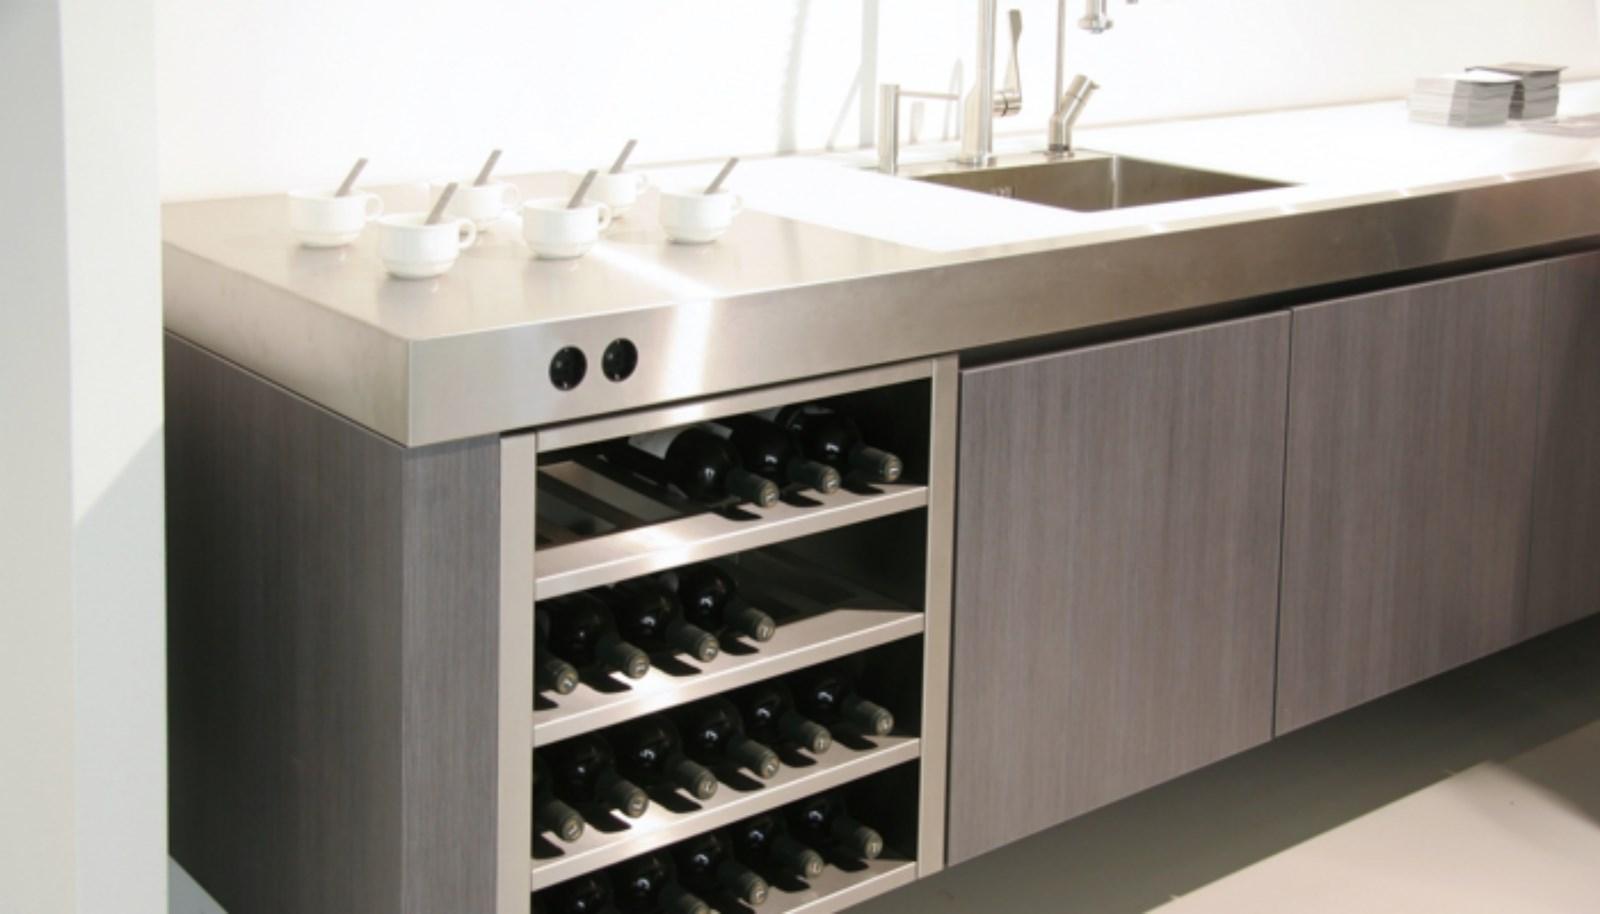 Plan De Travail Cuisine En Corian Prix les plans de travail en inox de 30 mm à 185 mm d'épaisseur